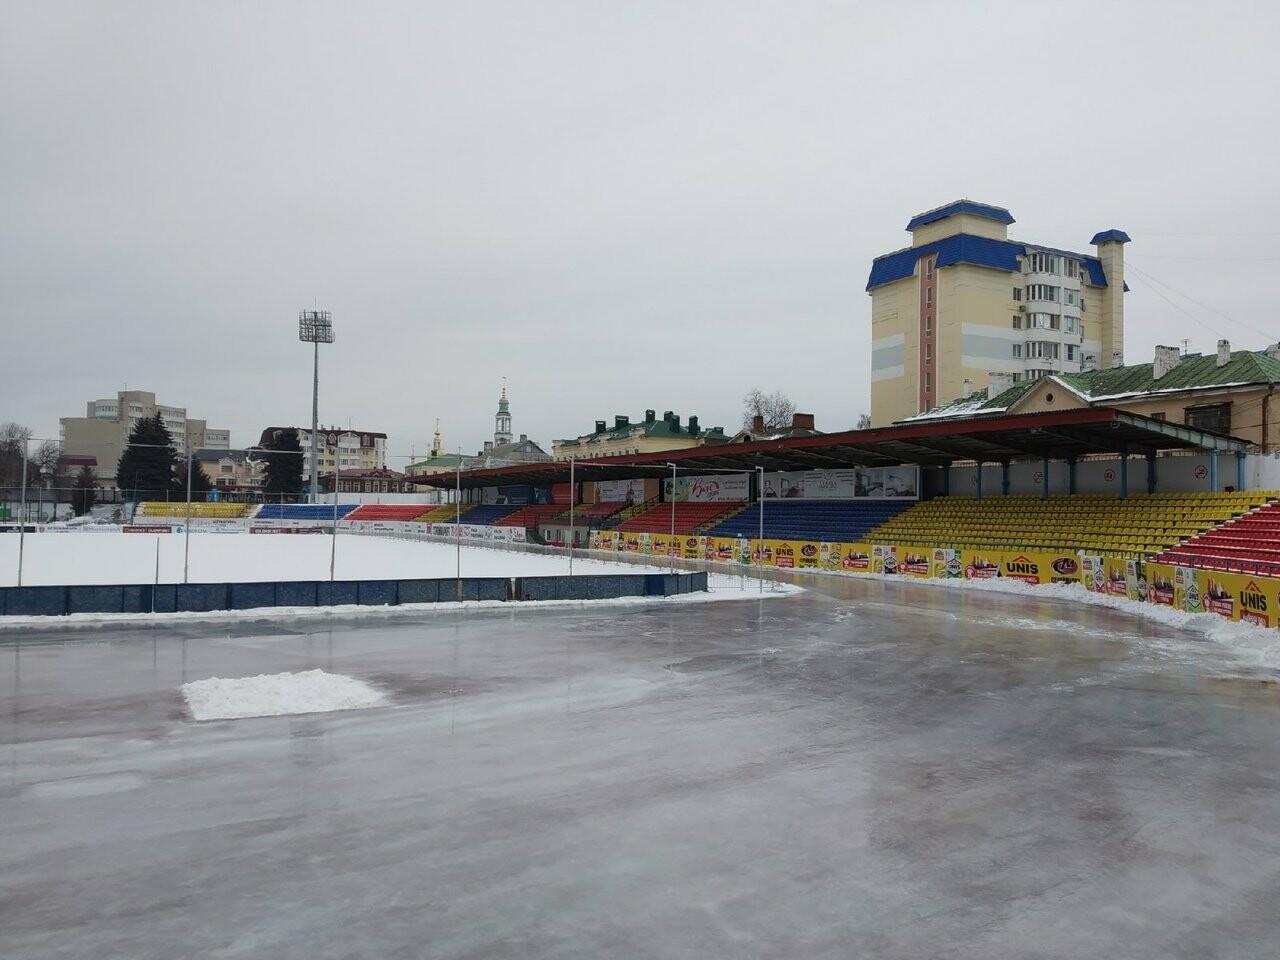 В Тамбове открывают сезон массового катания на коньках на стадионе «Спартак», фото-1